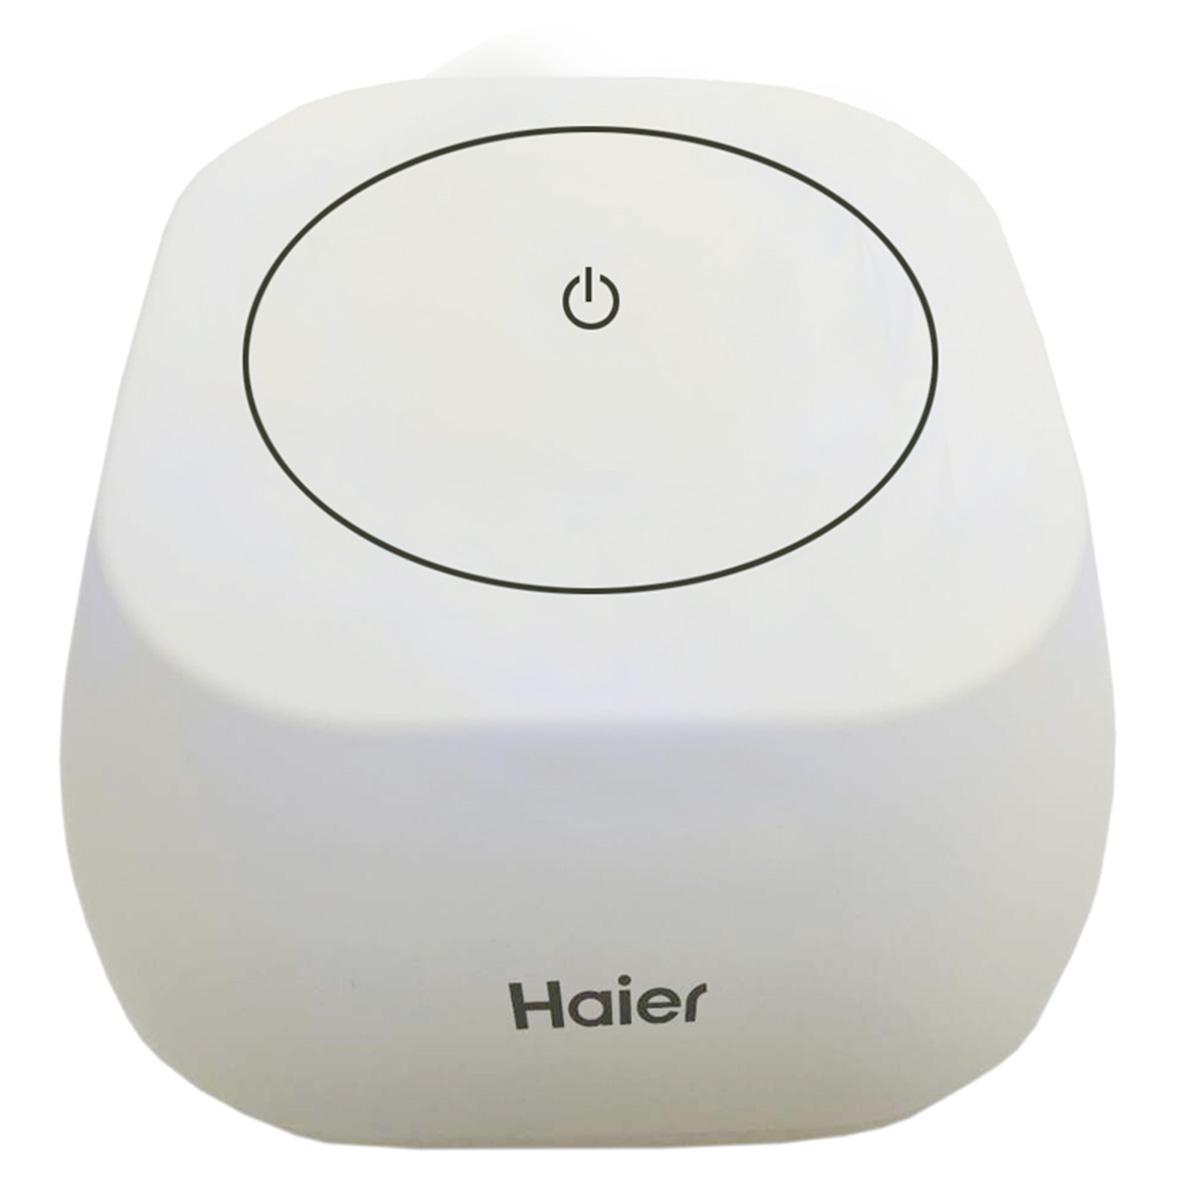 海尔(Haier)KJ5F-HY01儿童桌面空气净化器 小巧白色